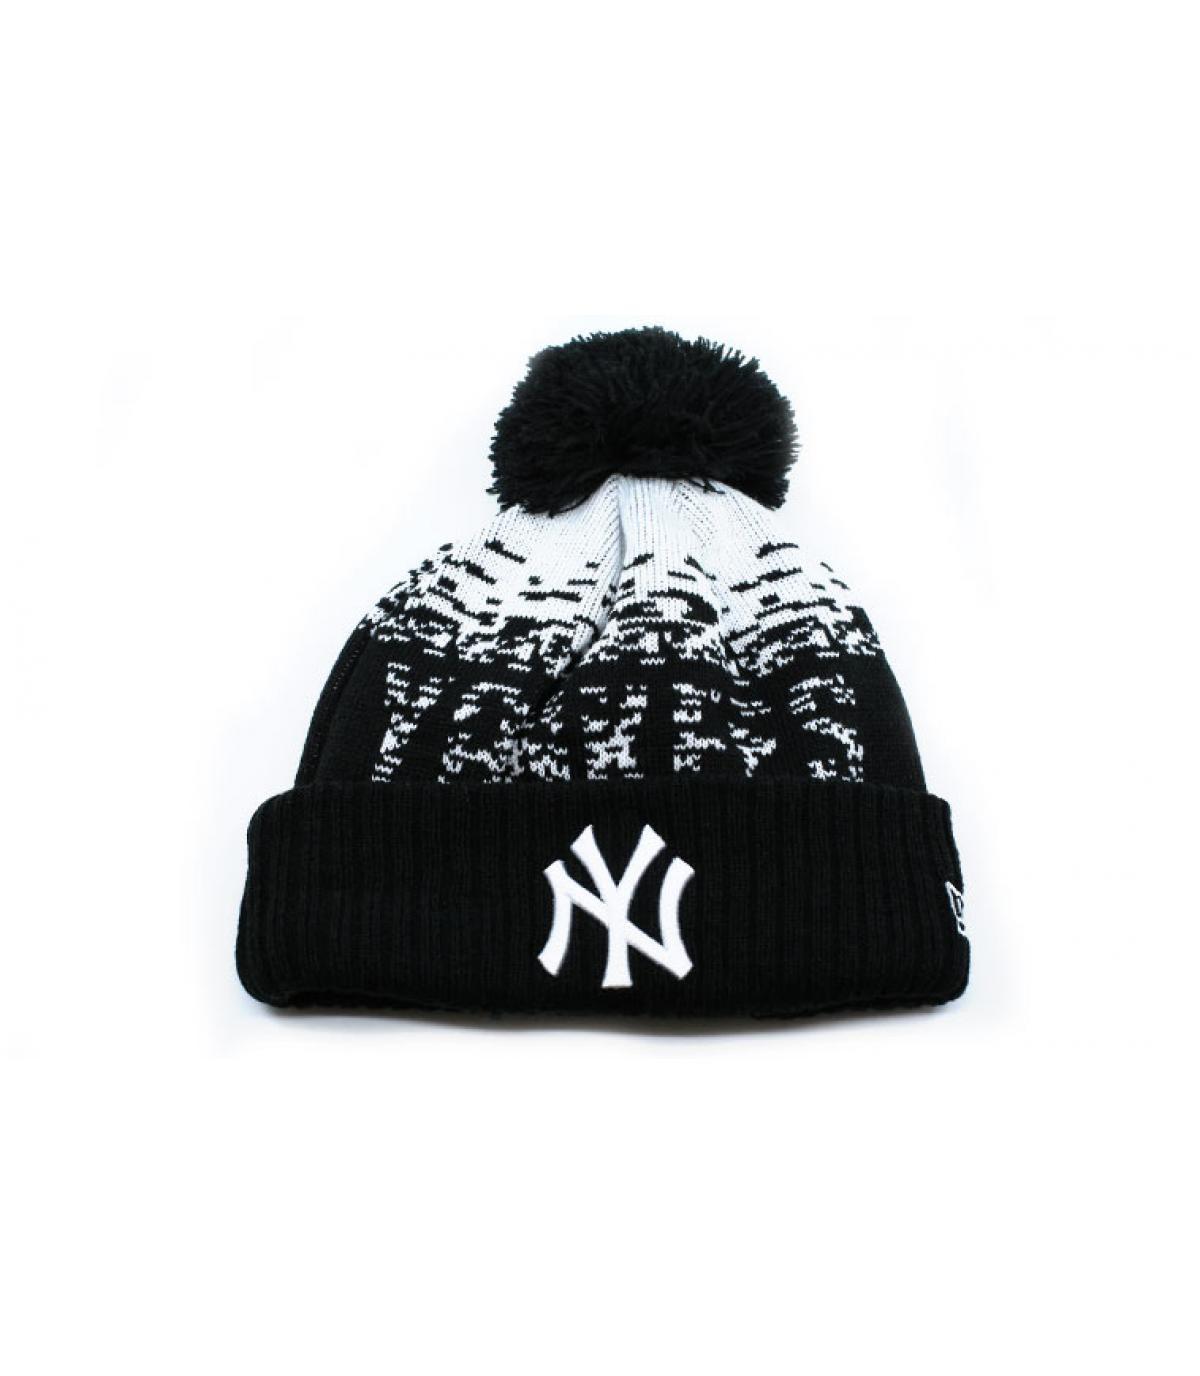 Details Mütze Kids NY MLB Sport Knit - Abbildung 2